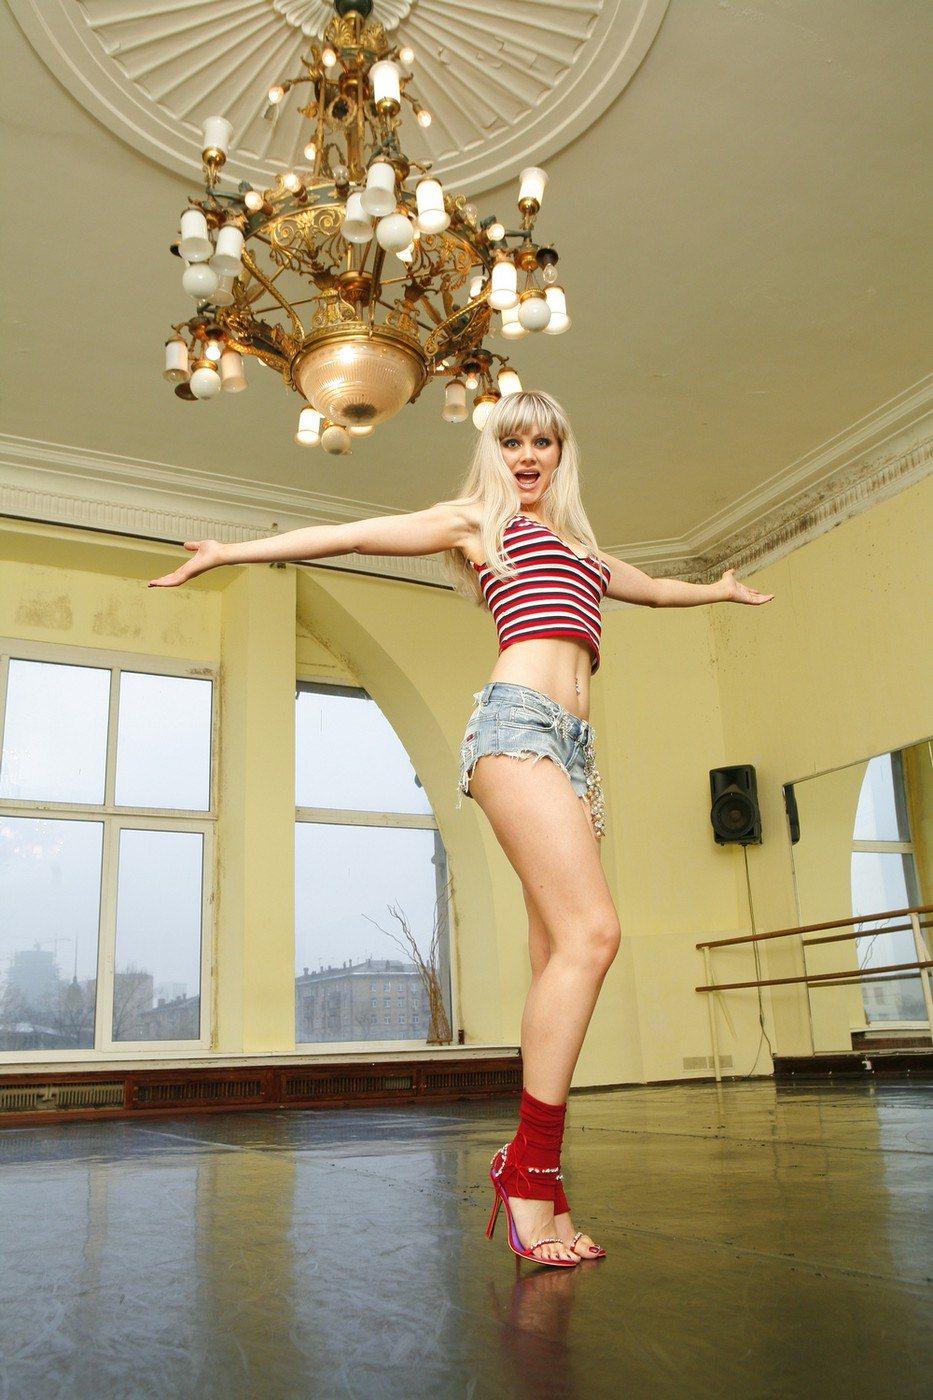 Ступни русских певиц фото 5 фотография